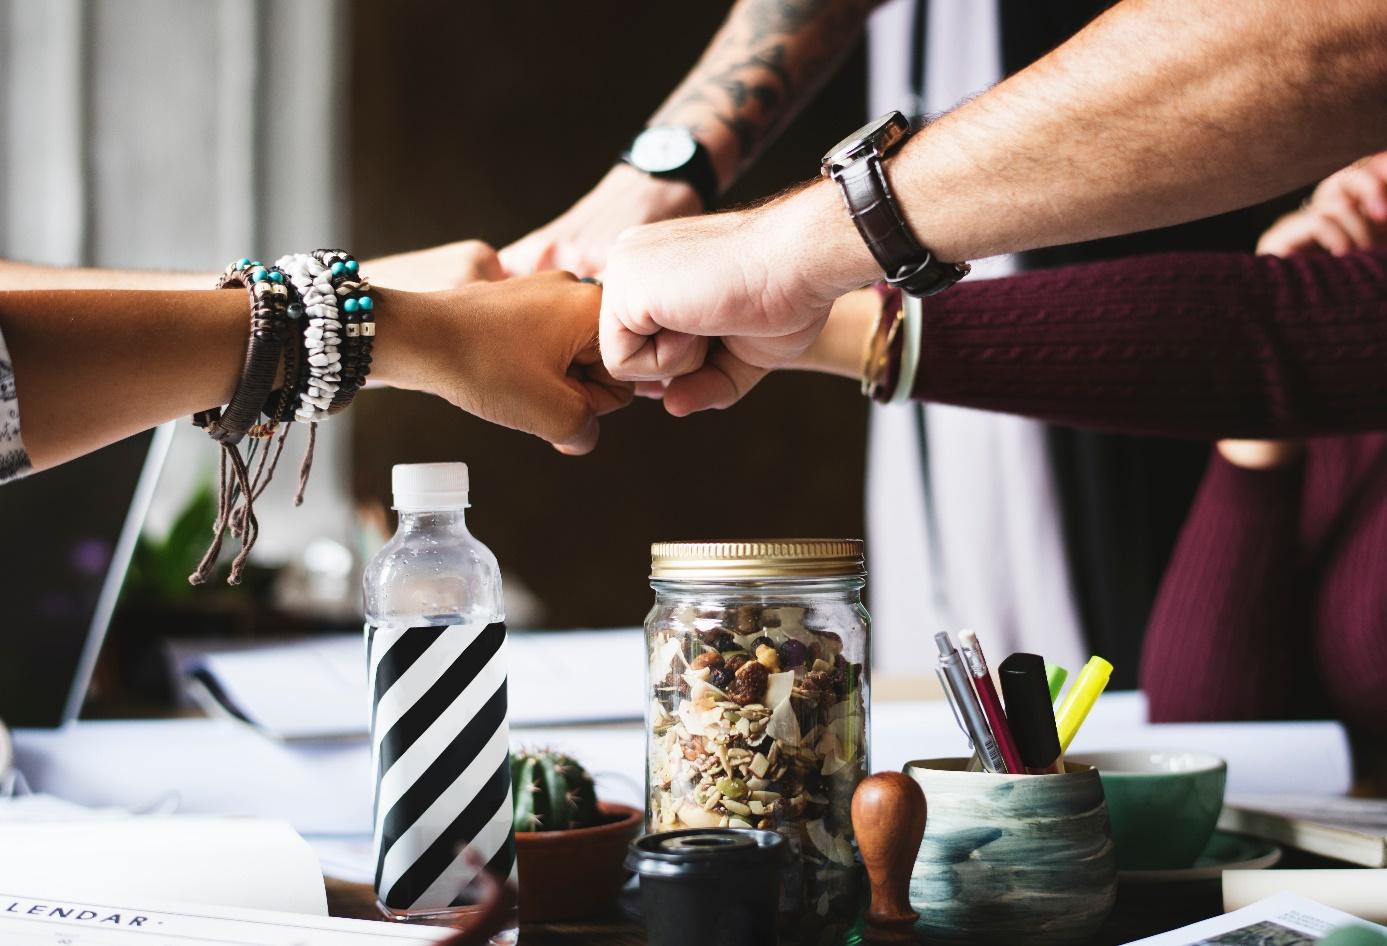 Comment partager des moments conviviaux avec ses collègues de travail?